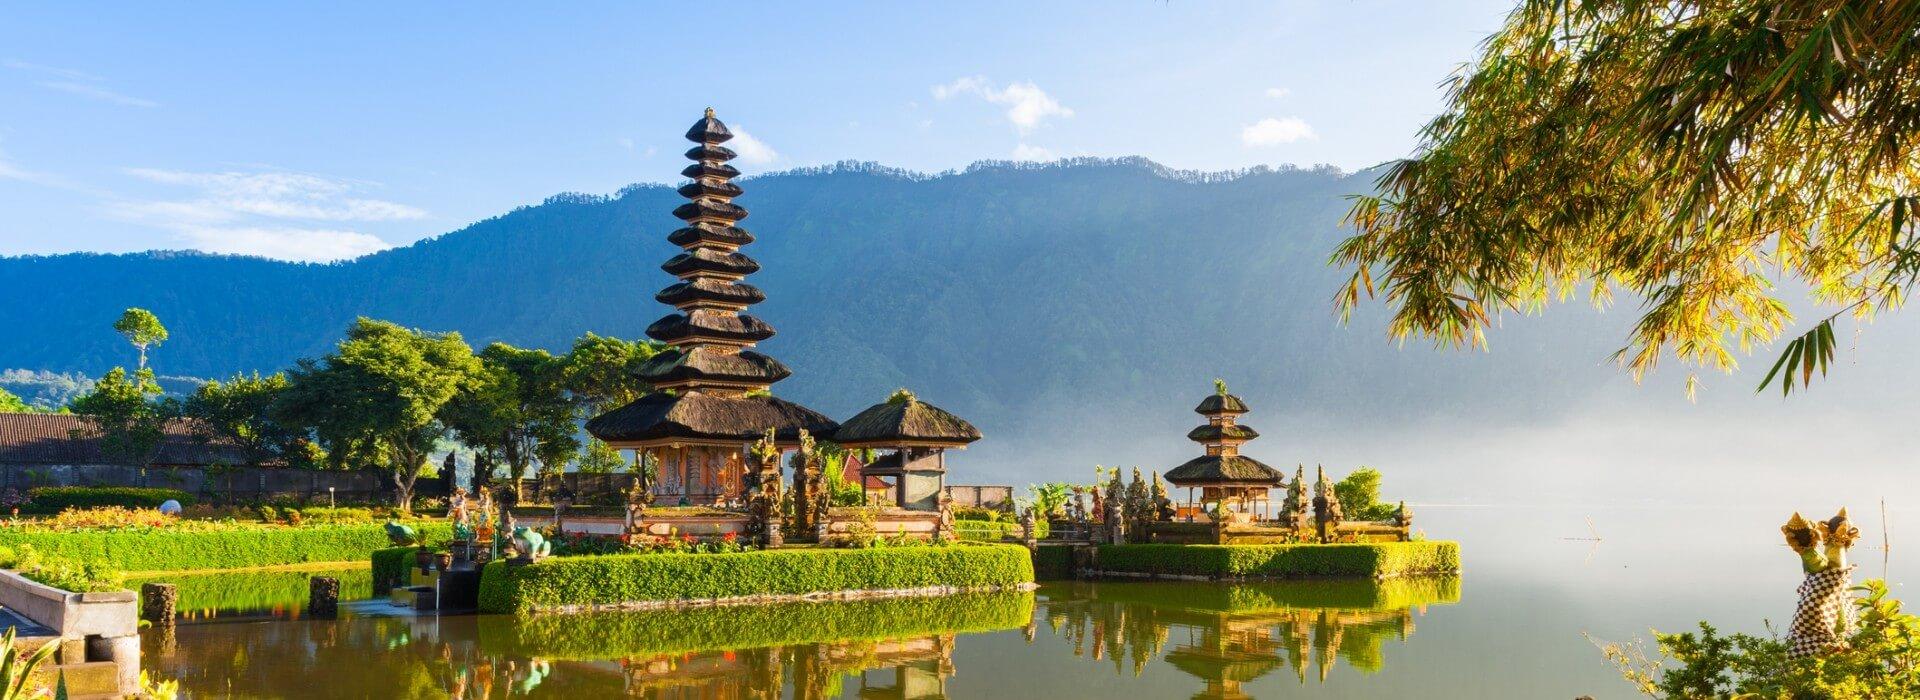 Bagaimana dengan Indonesia - Jadi Biang Pencemaran Lingkungan, Kantong Plastik Dilarang di Empat Benua